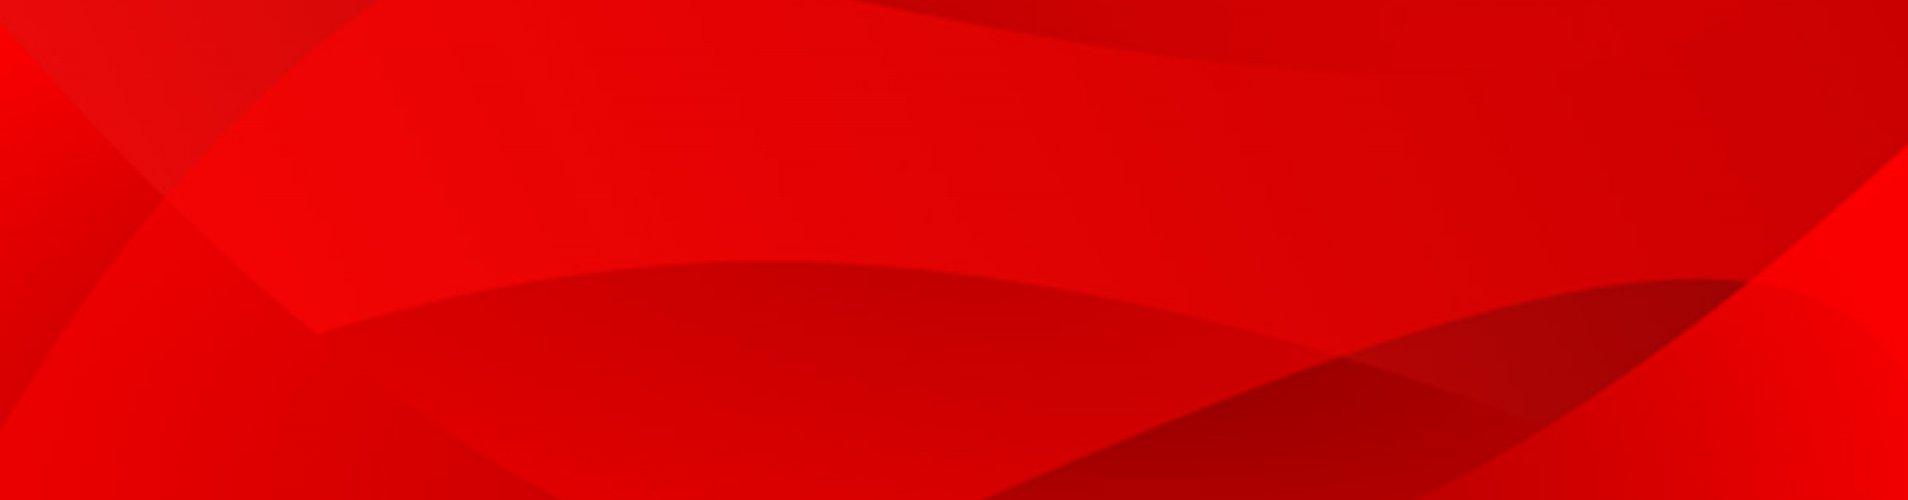 Güncellenme Zamanı: 16.04.2020 10:06:34